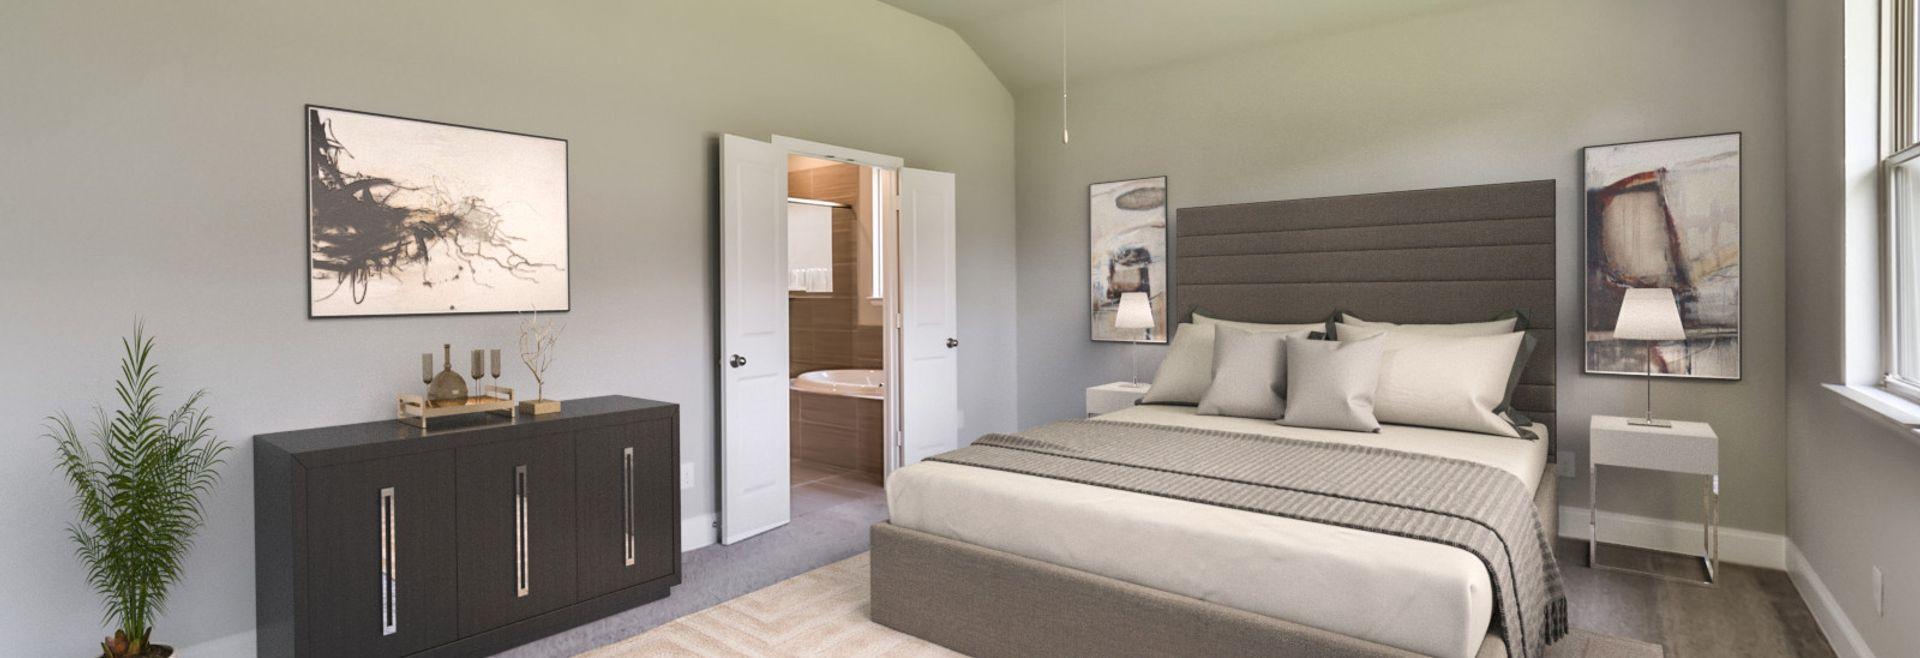 Plan 4029 Master Suite